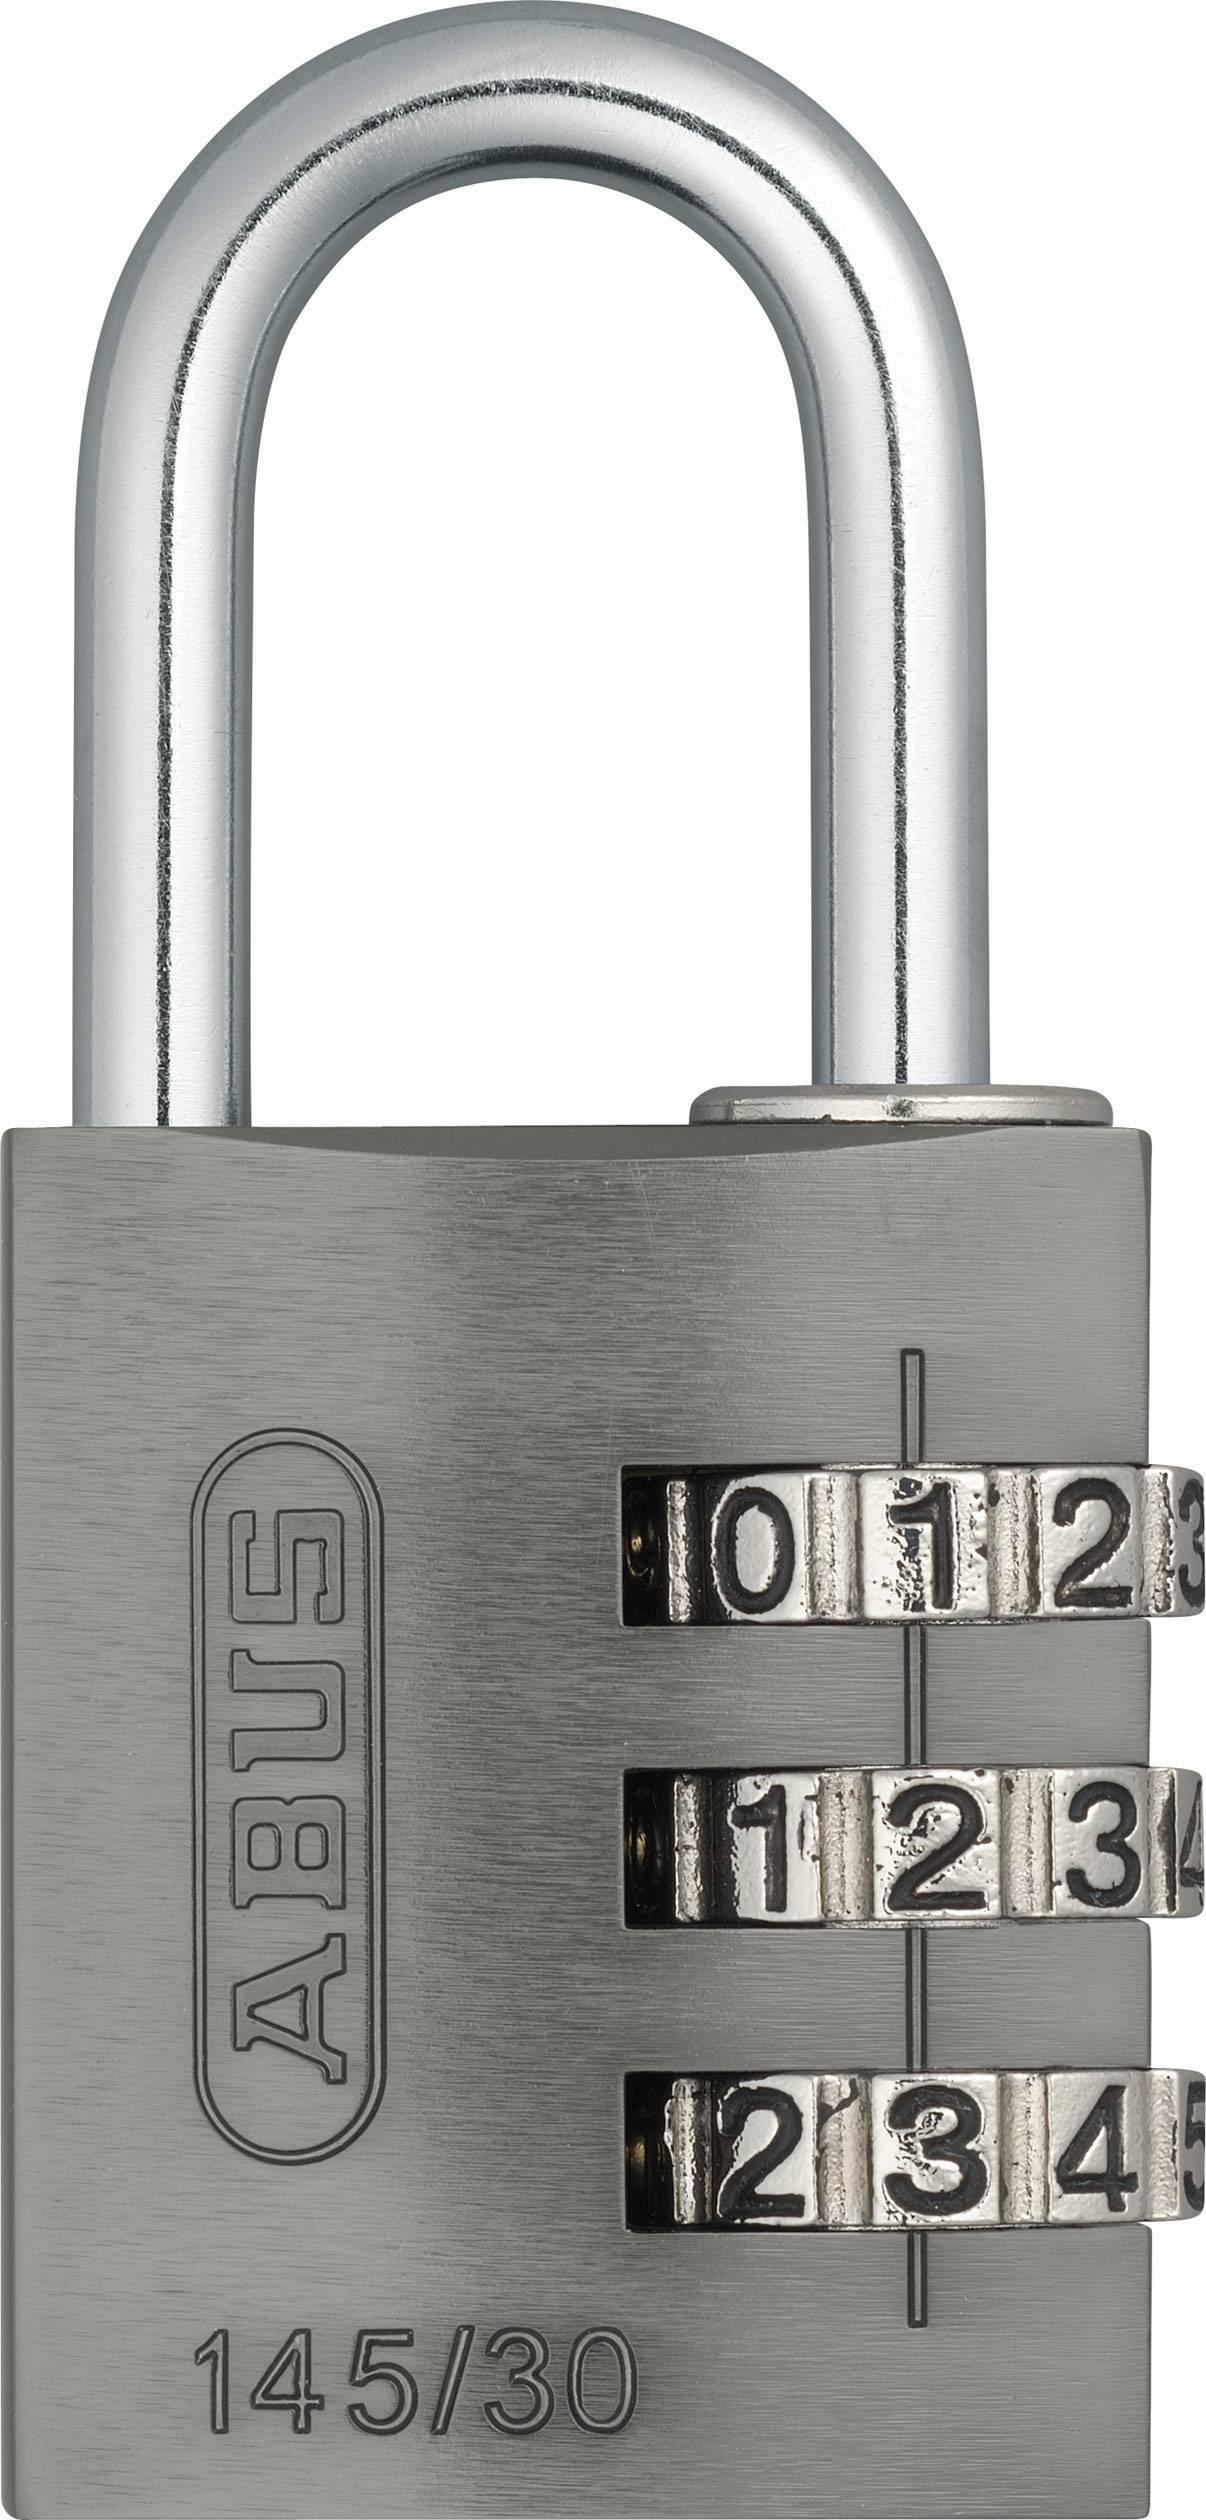 Visiaci zámok s číselnou kombináciou ABUS 145/30, titánový